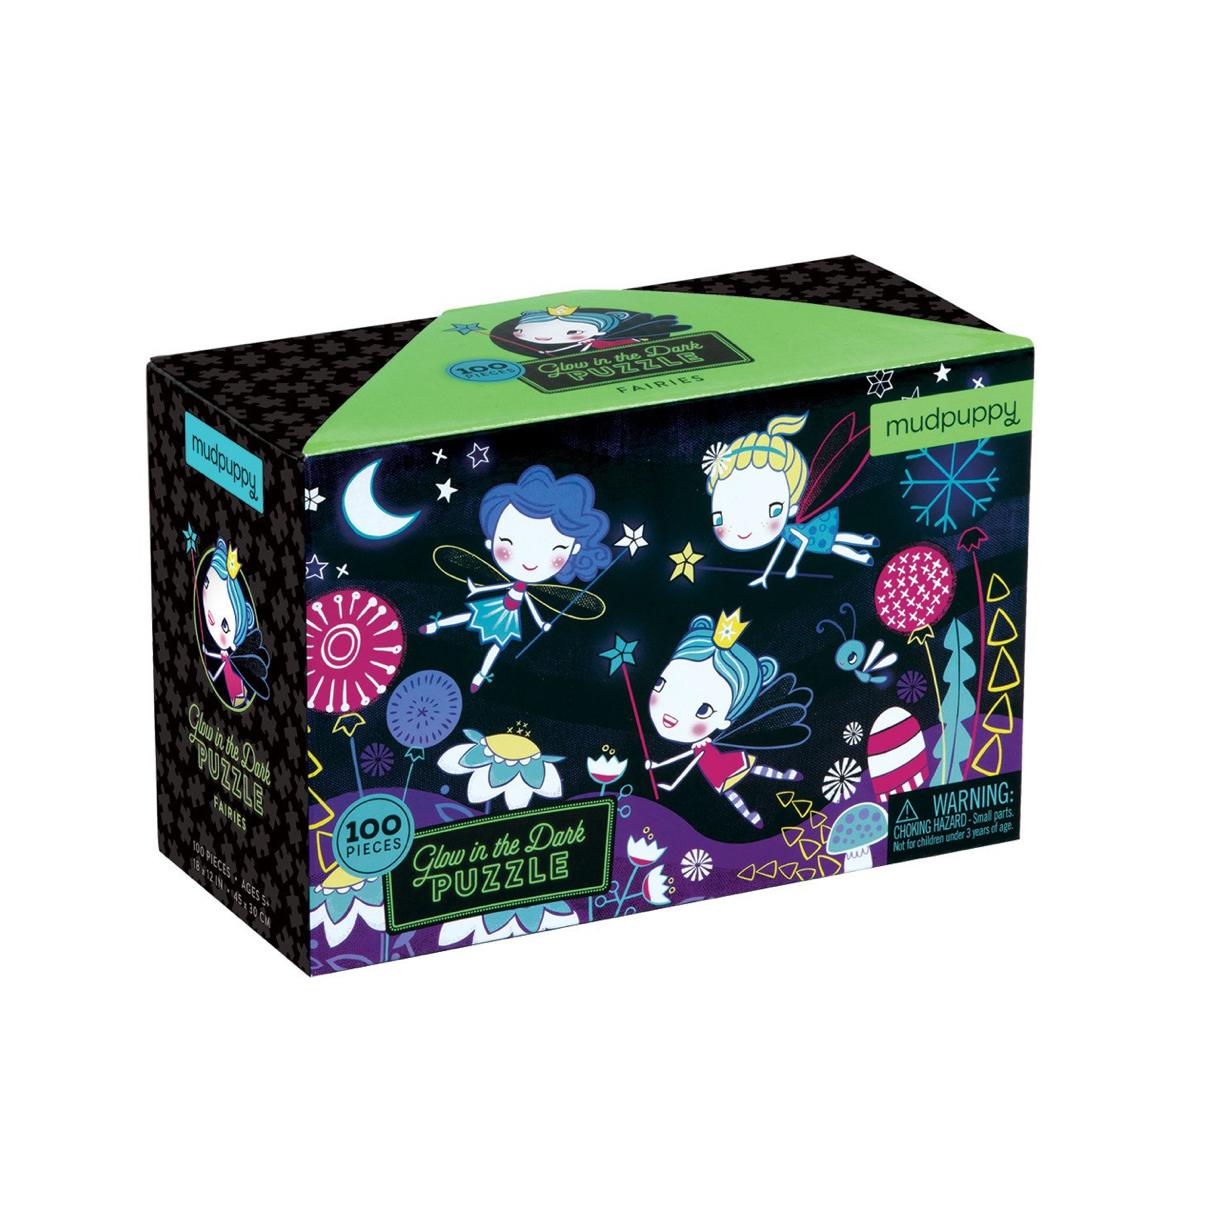 puzzle-glow-in-the-dark-fairys-de-mudpuppy-en-el-mundo-de-mico3